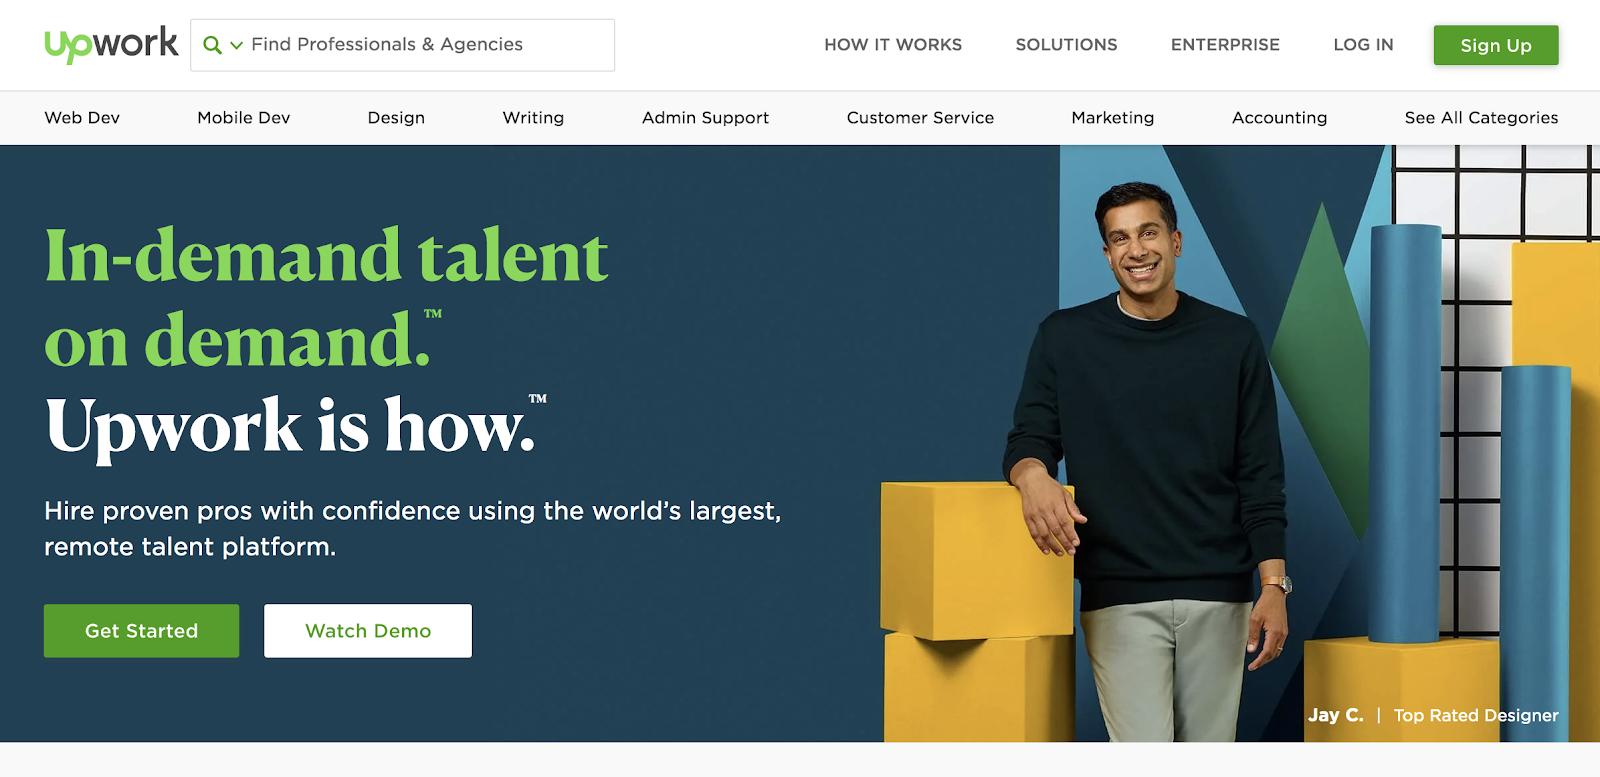 trabajos upwork: página de inicio upwork